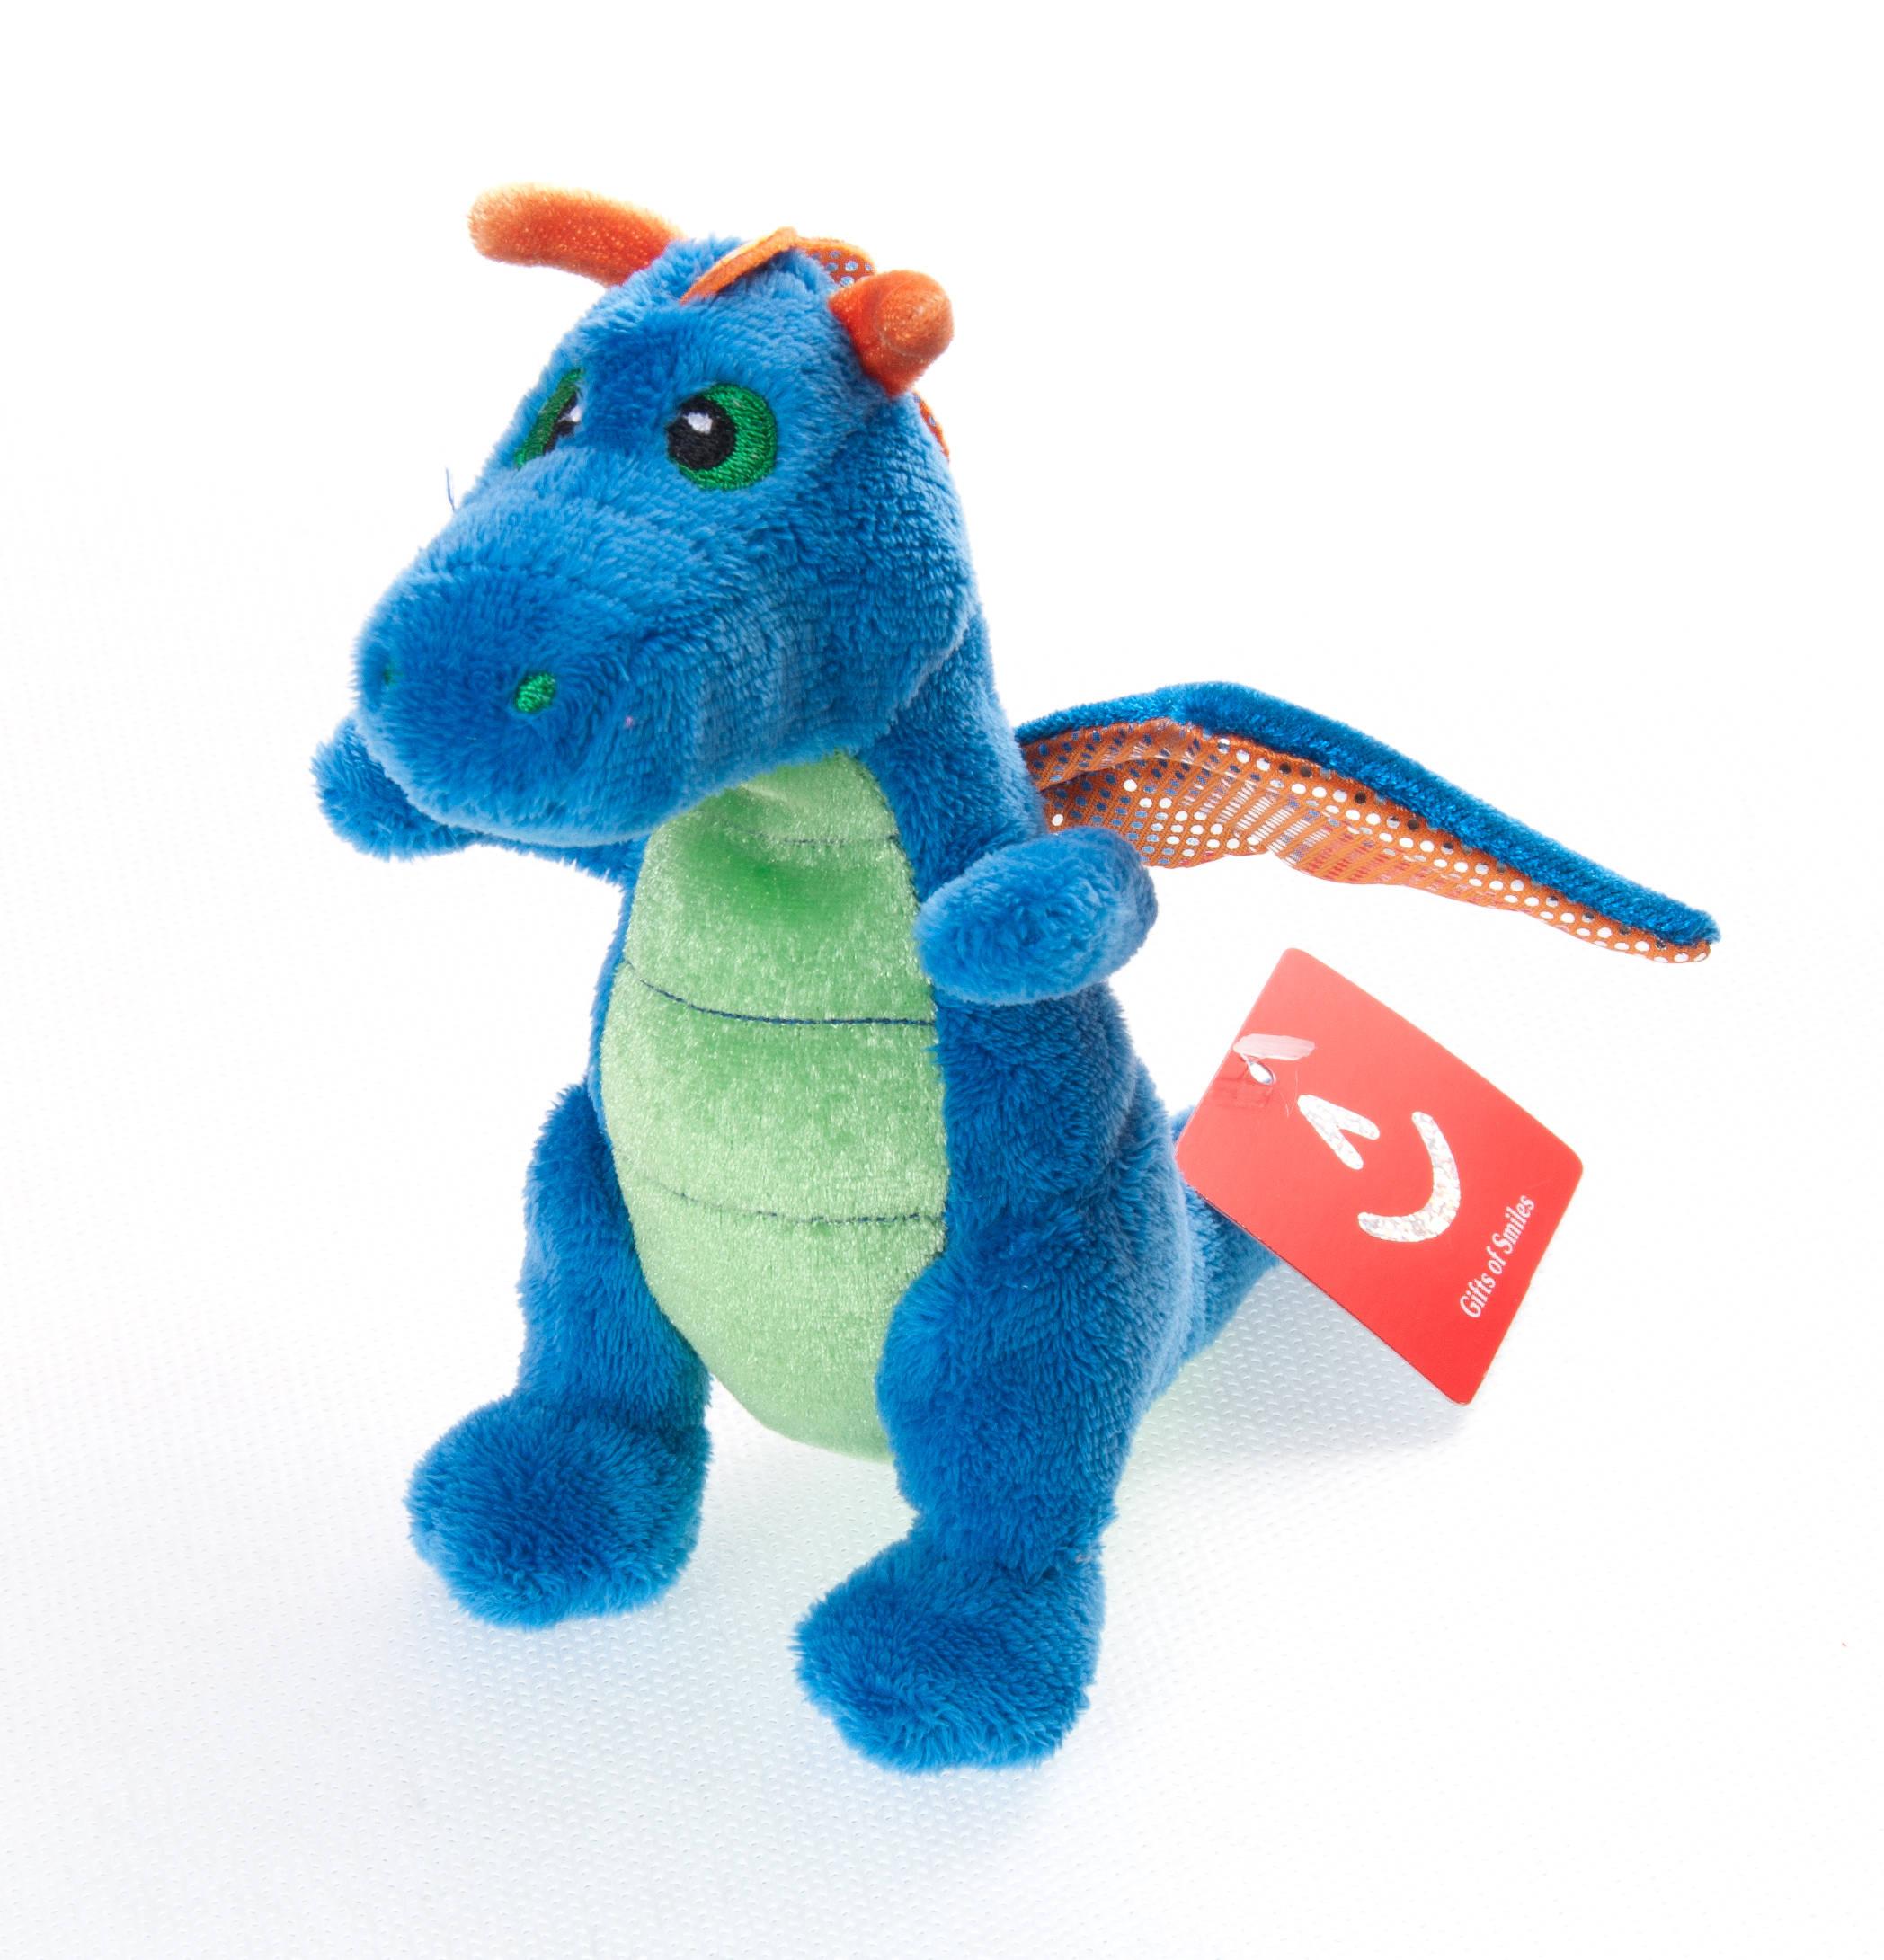 Днем, картинки мягкая игрушка все драконов